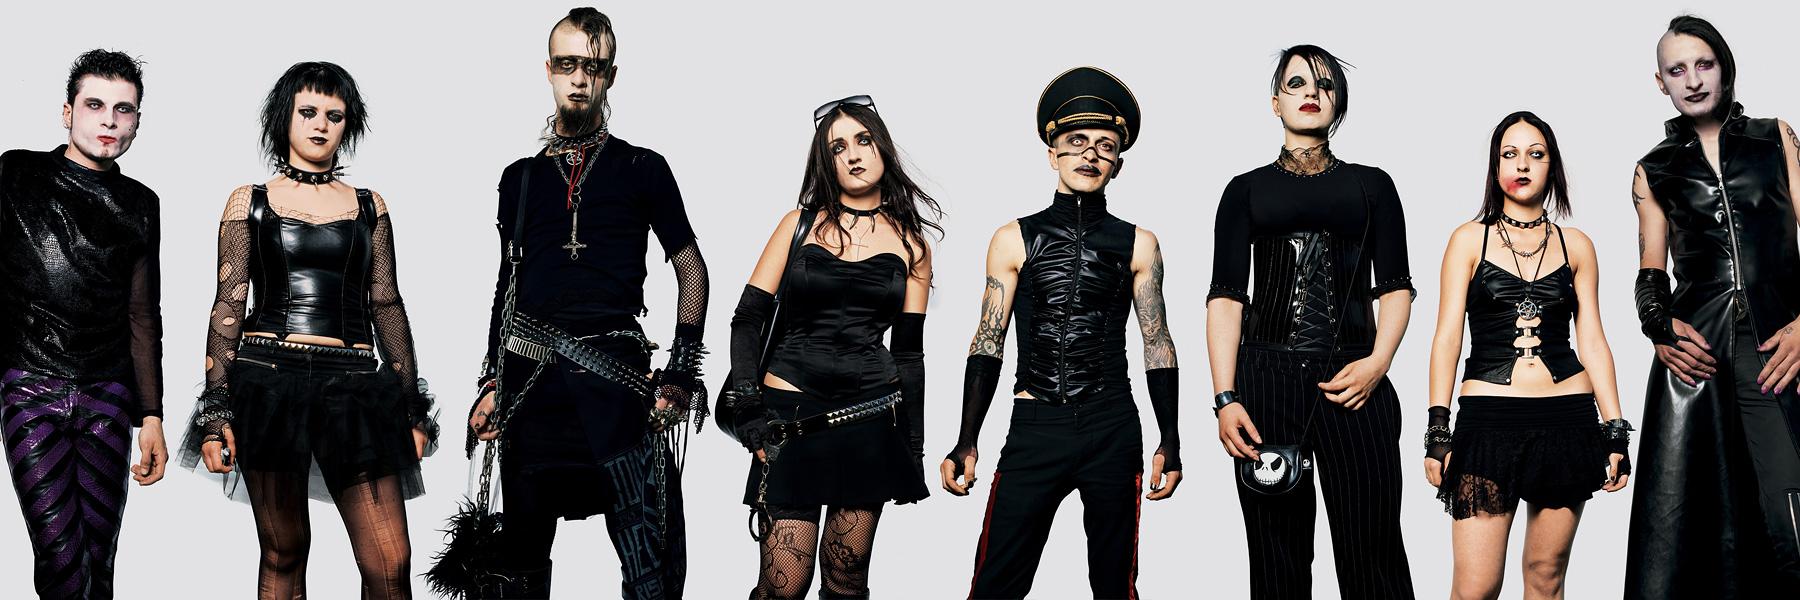 Marilyn Manson 07 Музыка нас связала